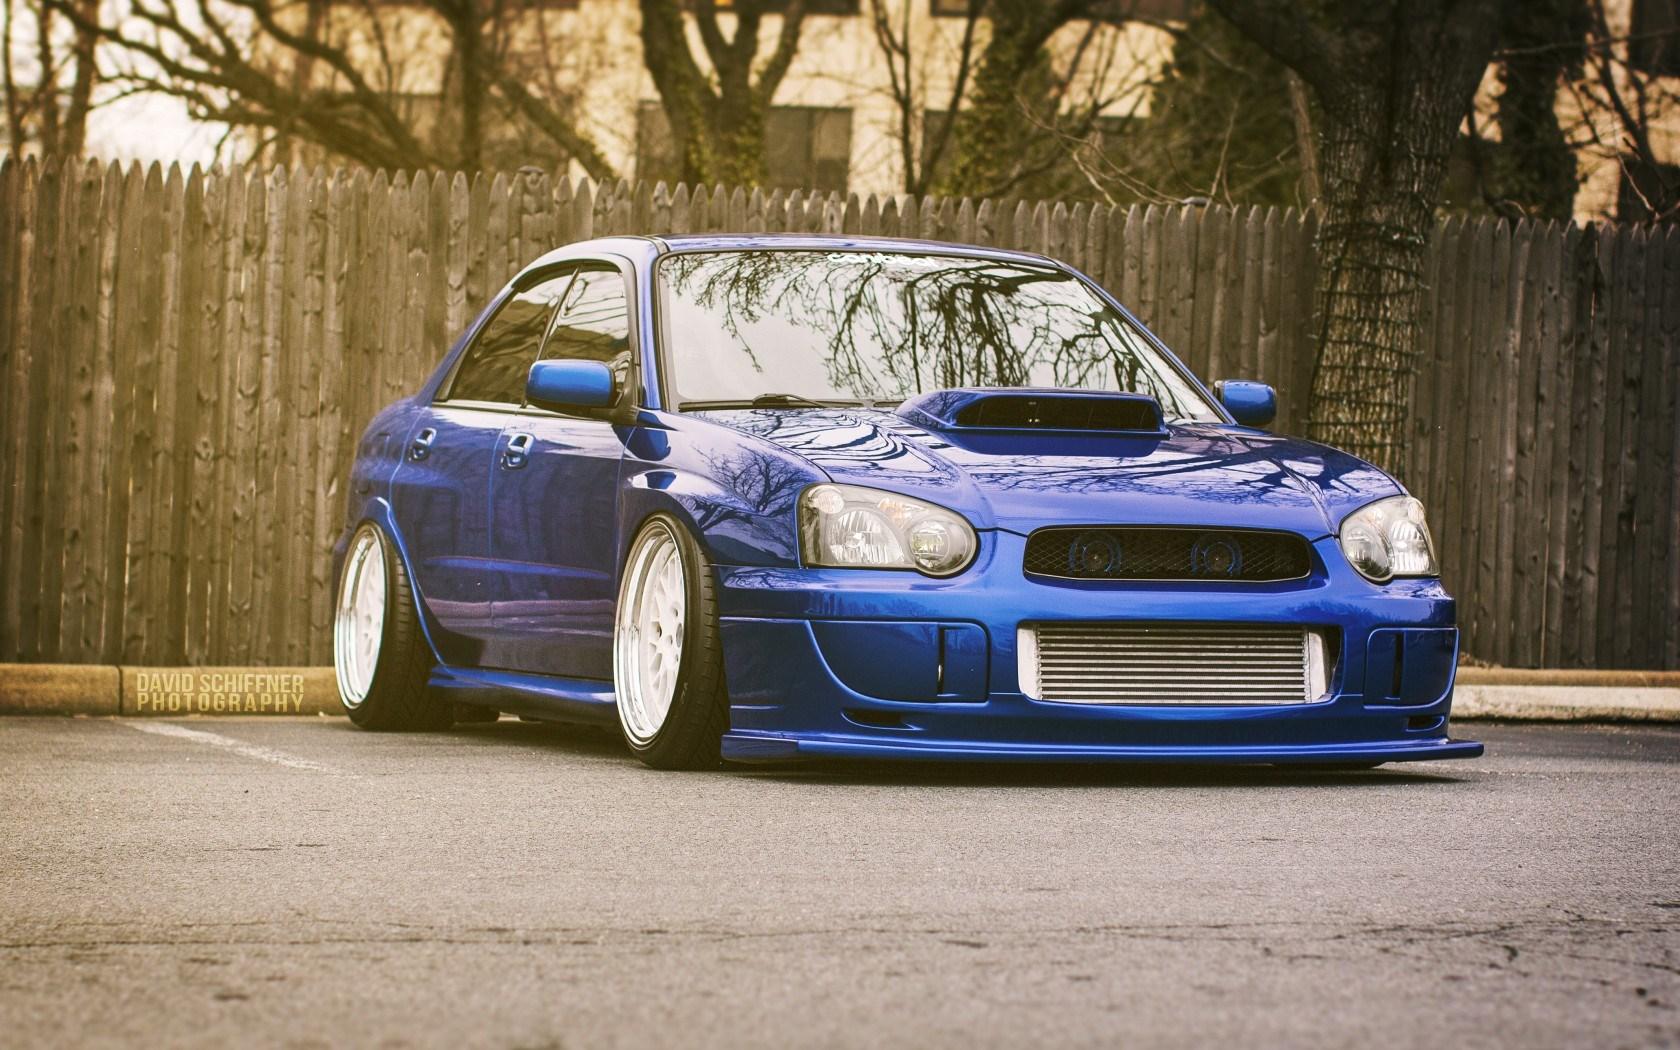 Subaru Impreza WRX STI Blue Car